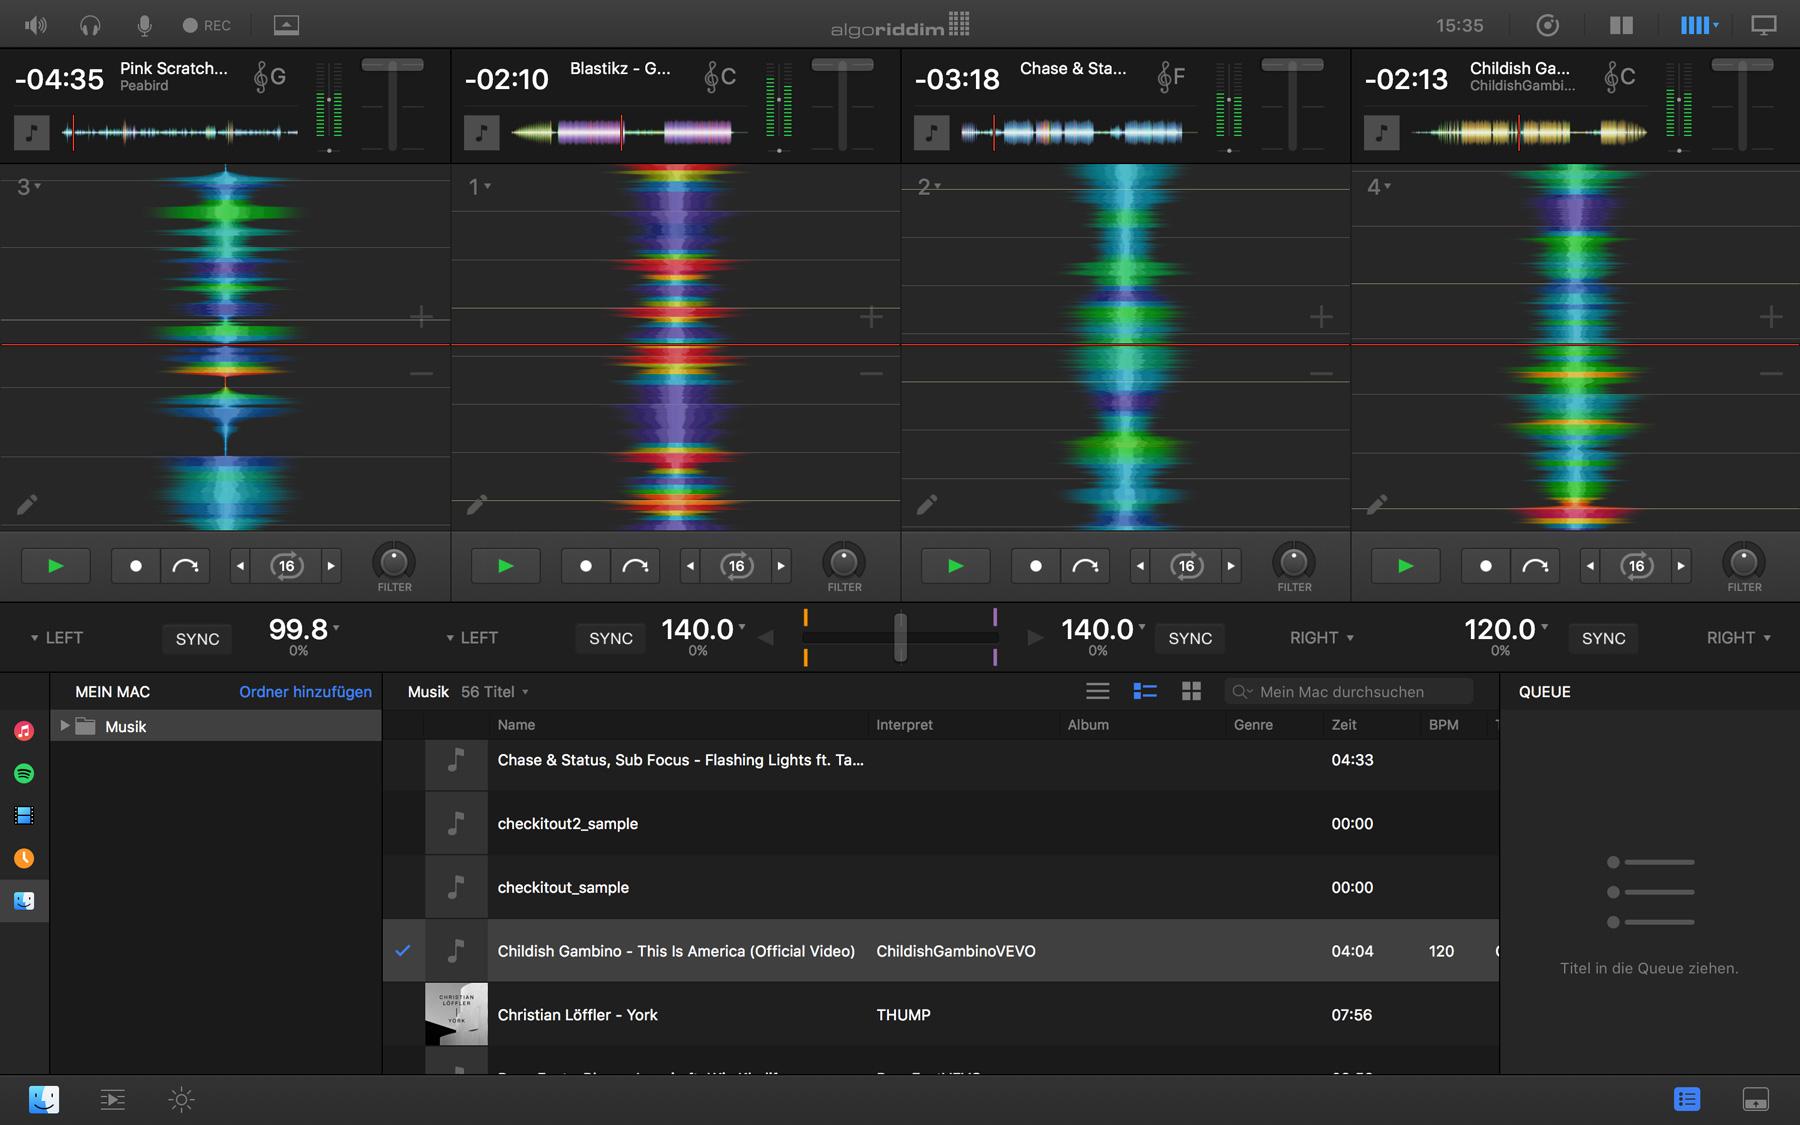 Überblick: Die besten DJ-Softwares - DJ LAB